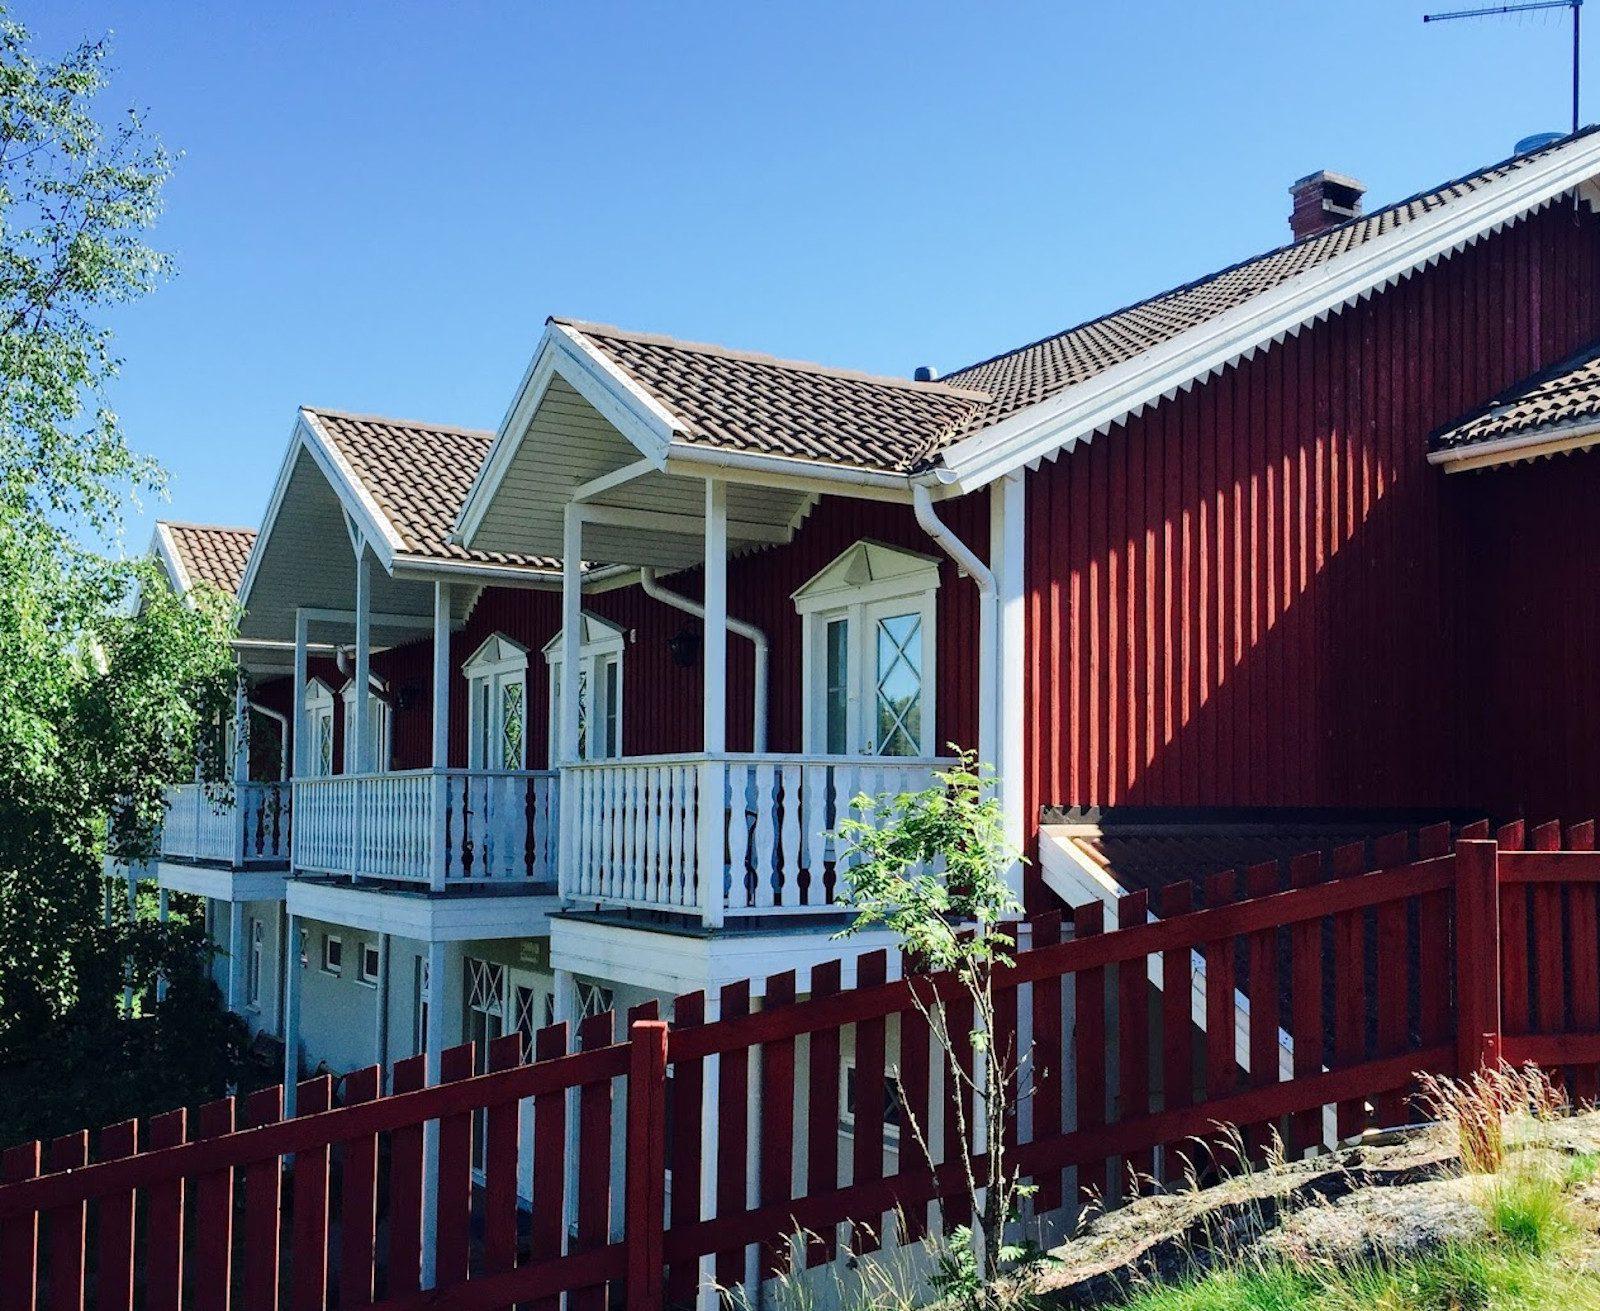 Punainen Saaristohotellin hotellirakennus, jossa kolme parveketta valkoisilla kaiteilla.